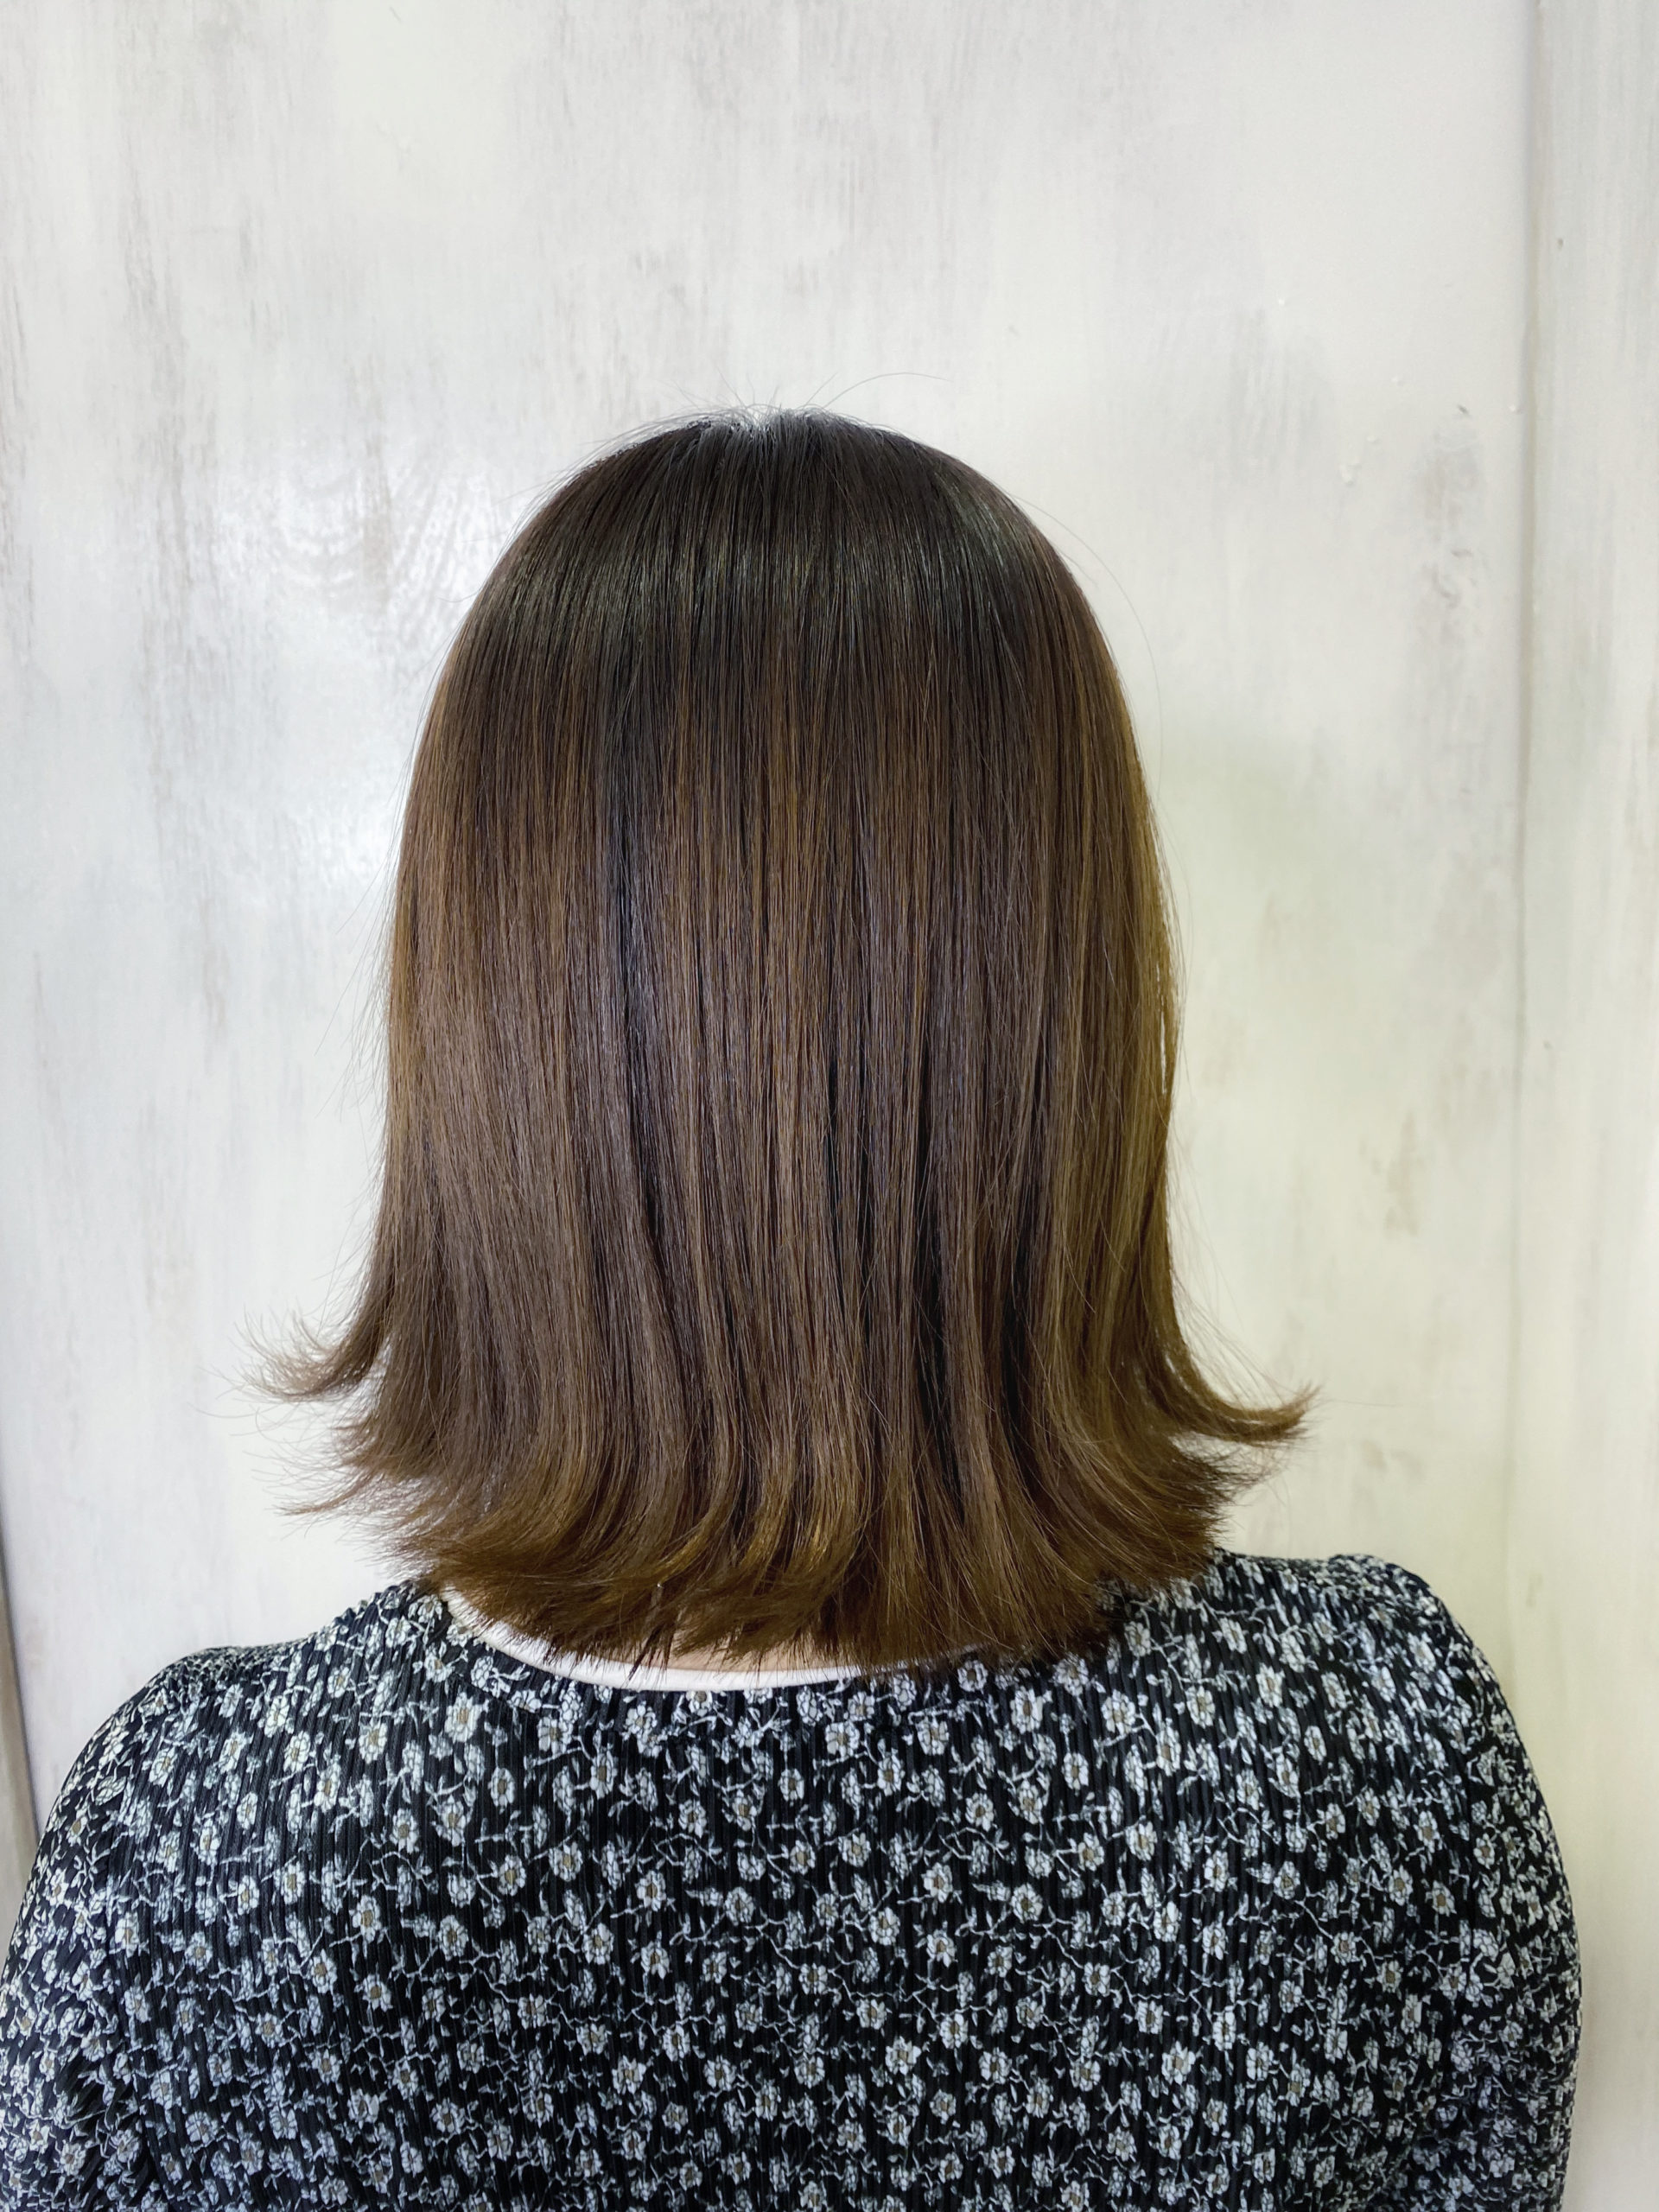 ブリーチ毛の縮毛矯正でまとまる艶髪。原宿・表参道『髪のお悩みを解決するヘアケア美容師の挑戦』